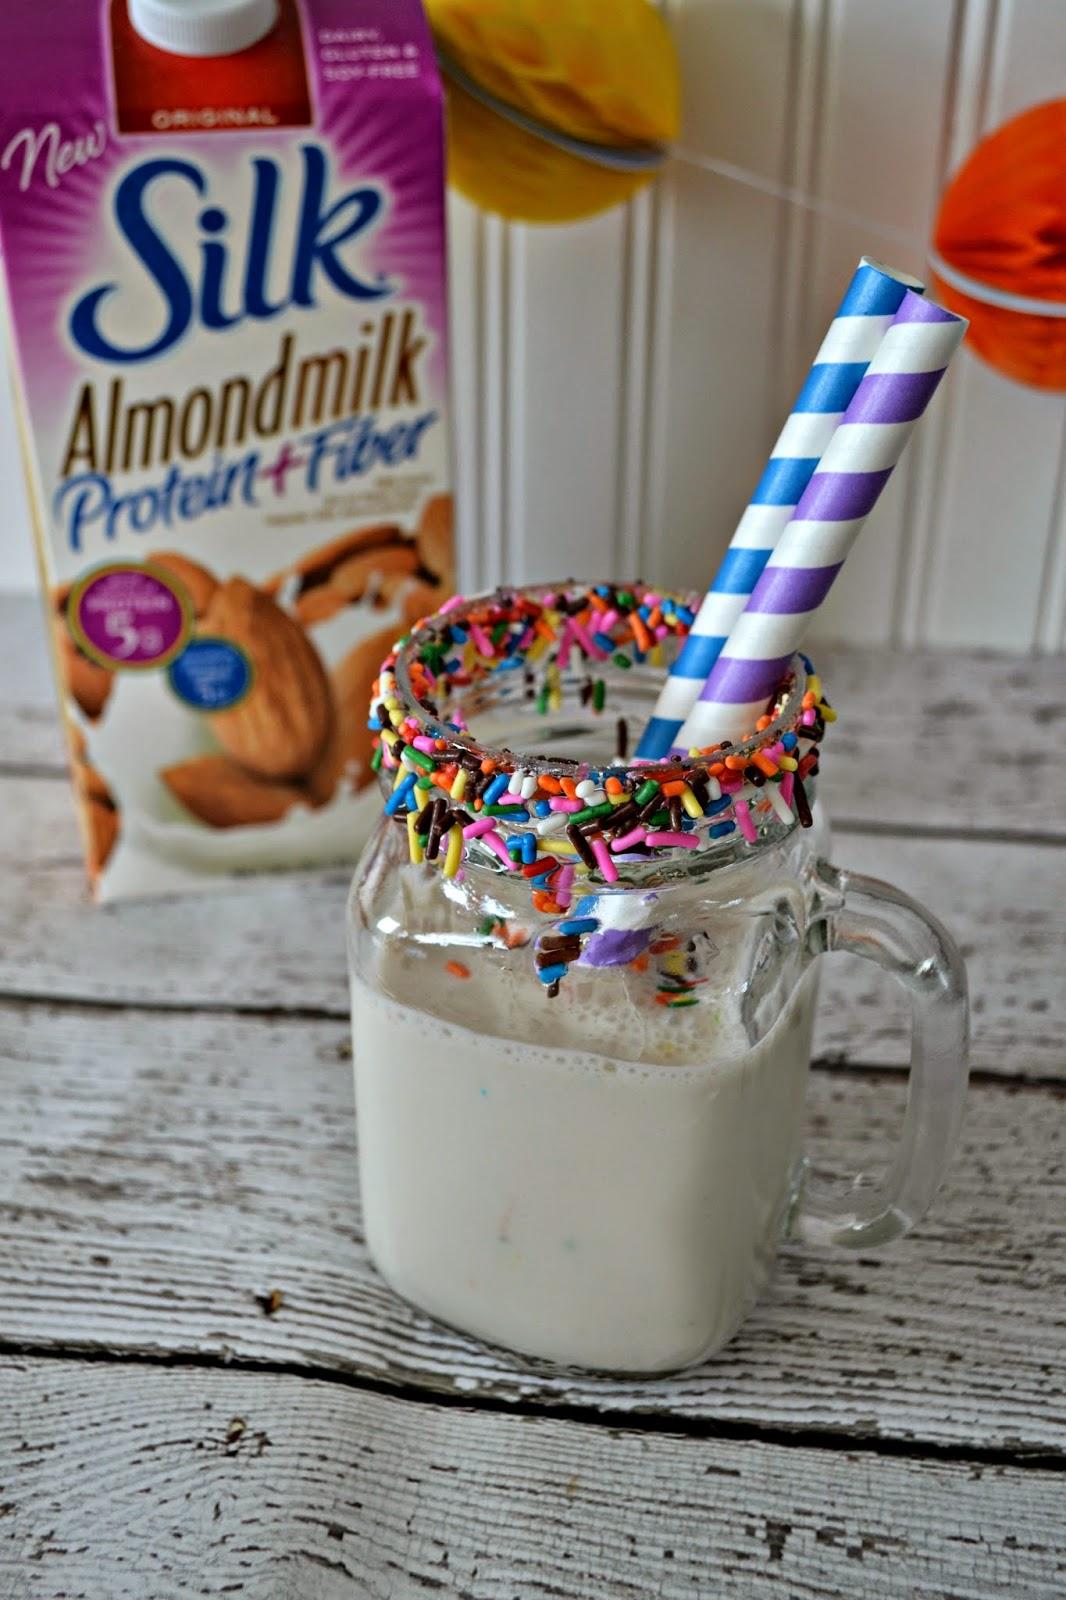 Birthday Cake Milk Shake Recipe with Almond Milk Building Our Story